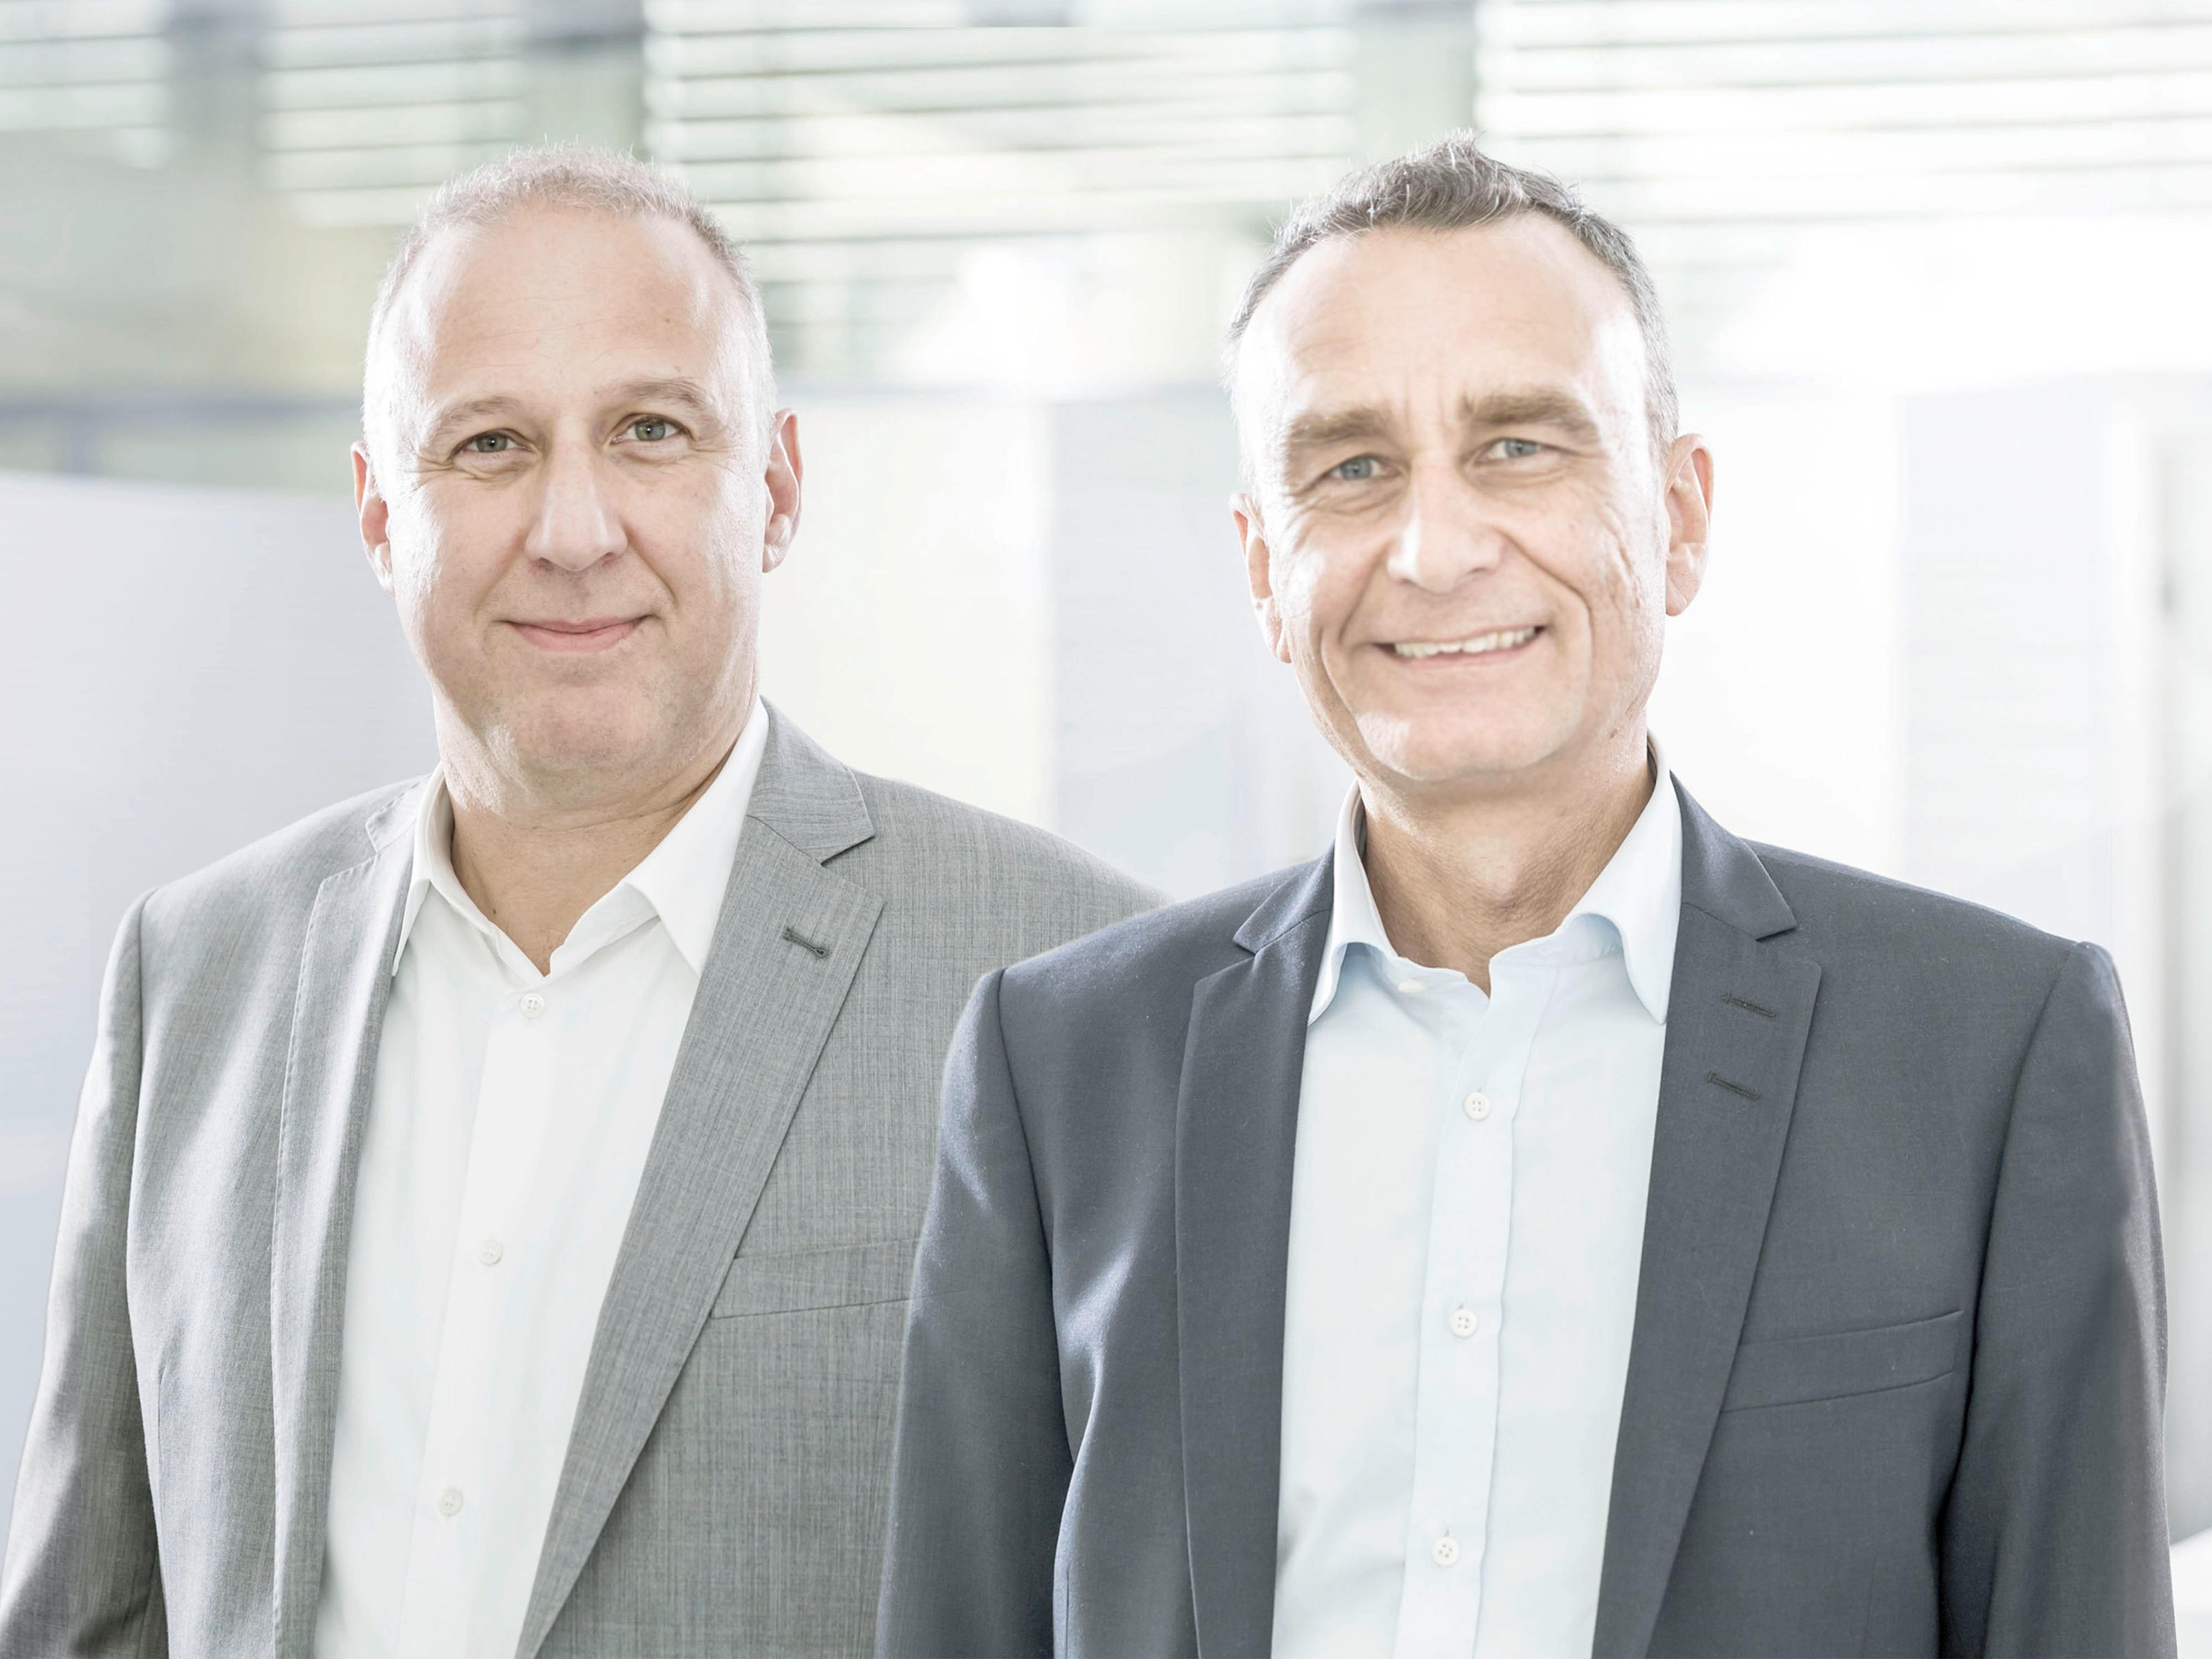 Urs Klipfel (l.) und Andreas Rieser (r.) leiten künftig den ATP-Standort in Nürnberg. Foto: ATP/Rauschmeir<br><span class='image_copyright'>ATP/Rauschmeir</span><br>